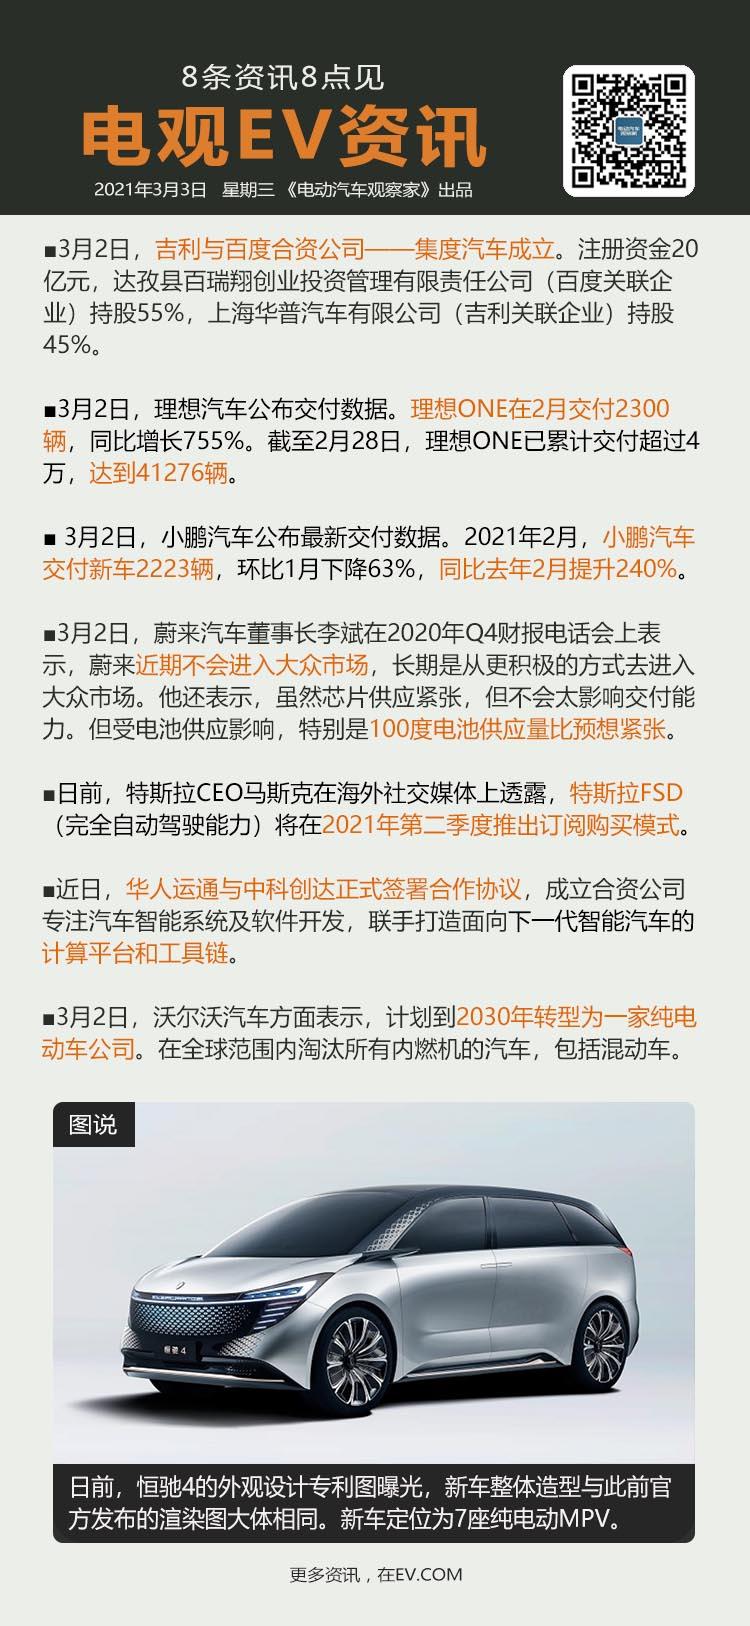 3月3日:百度吉利合资公司正式成立、理想2月交付2300辆、小鹏2月交付新车22...